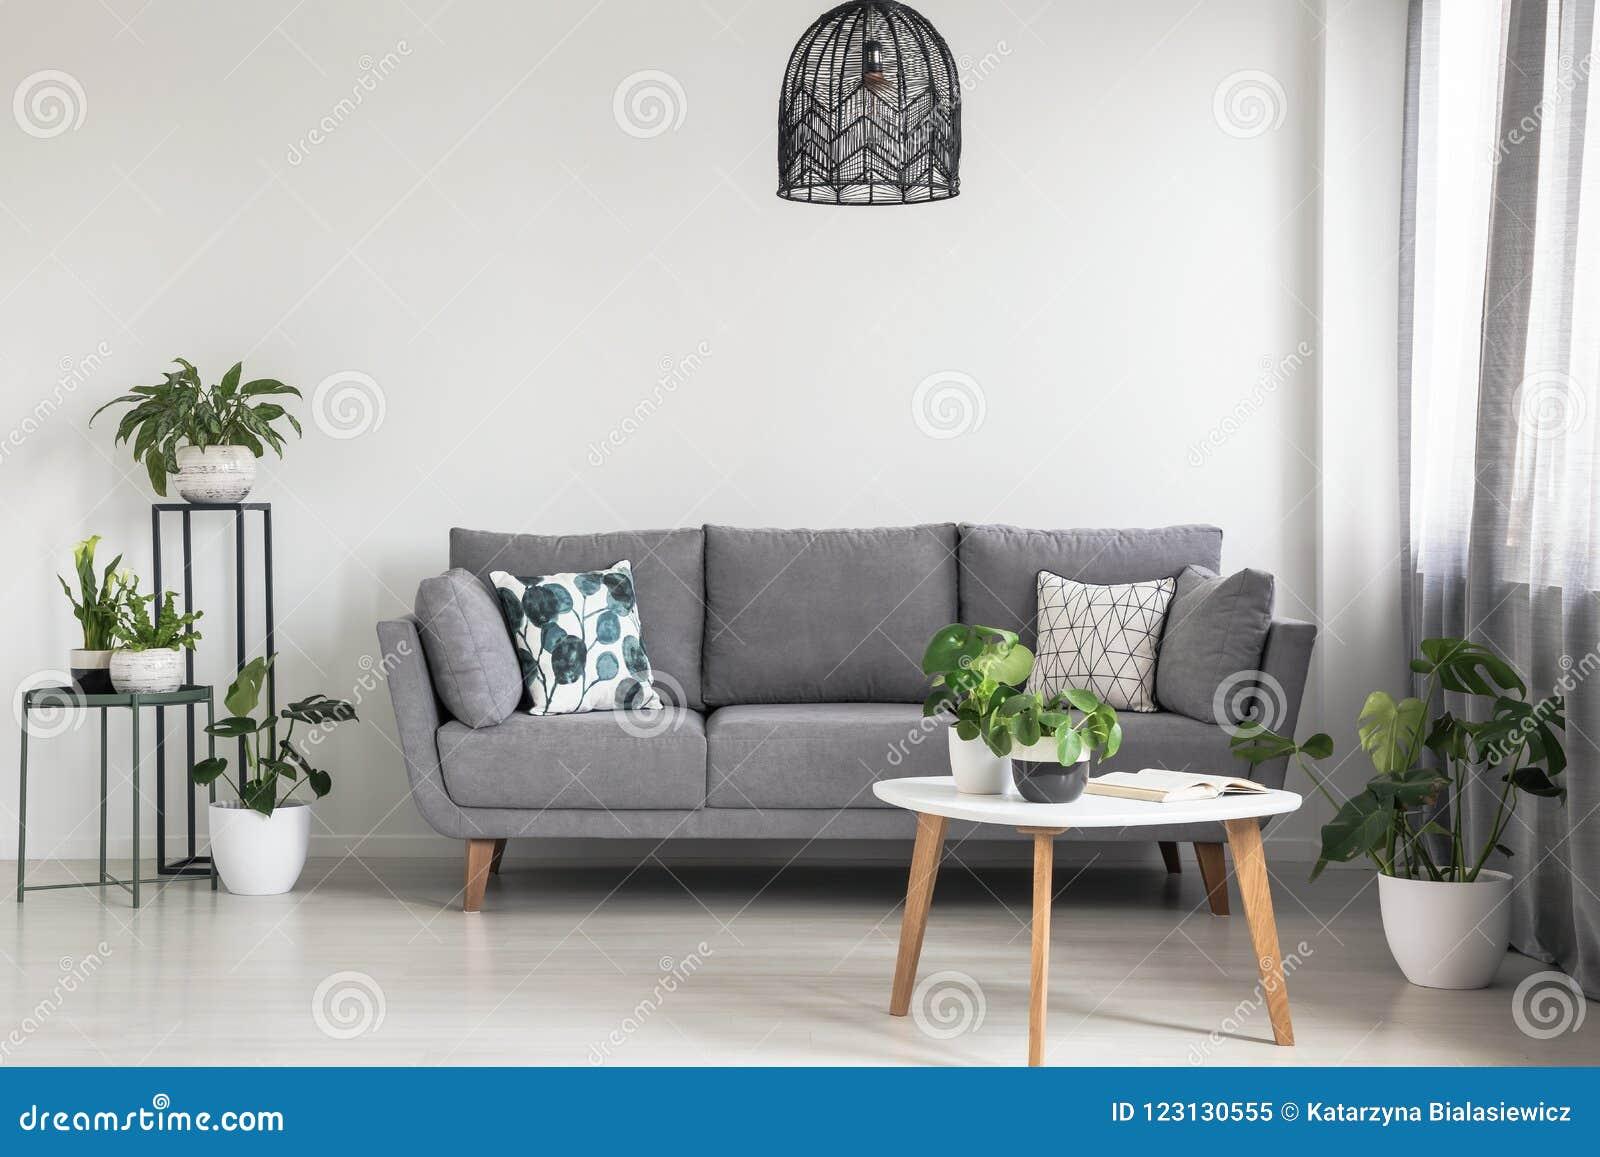 Istna fotografia prosty żywy izbowy wnętrze z popielatą kanapą, roślinami i stolik do kawy,